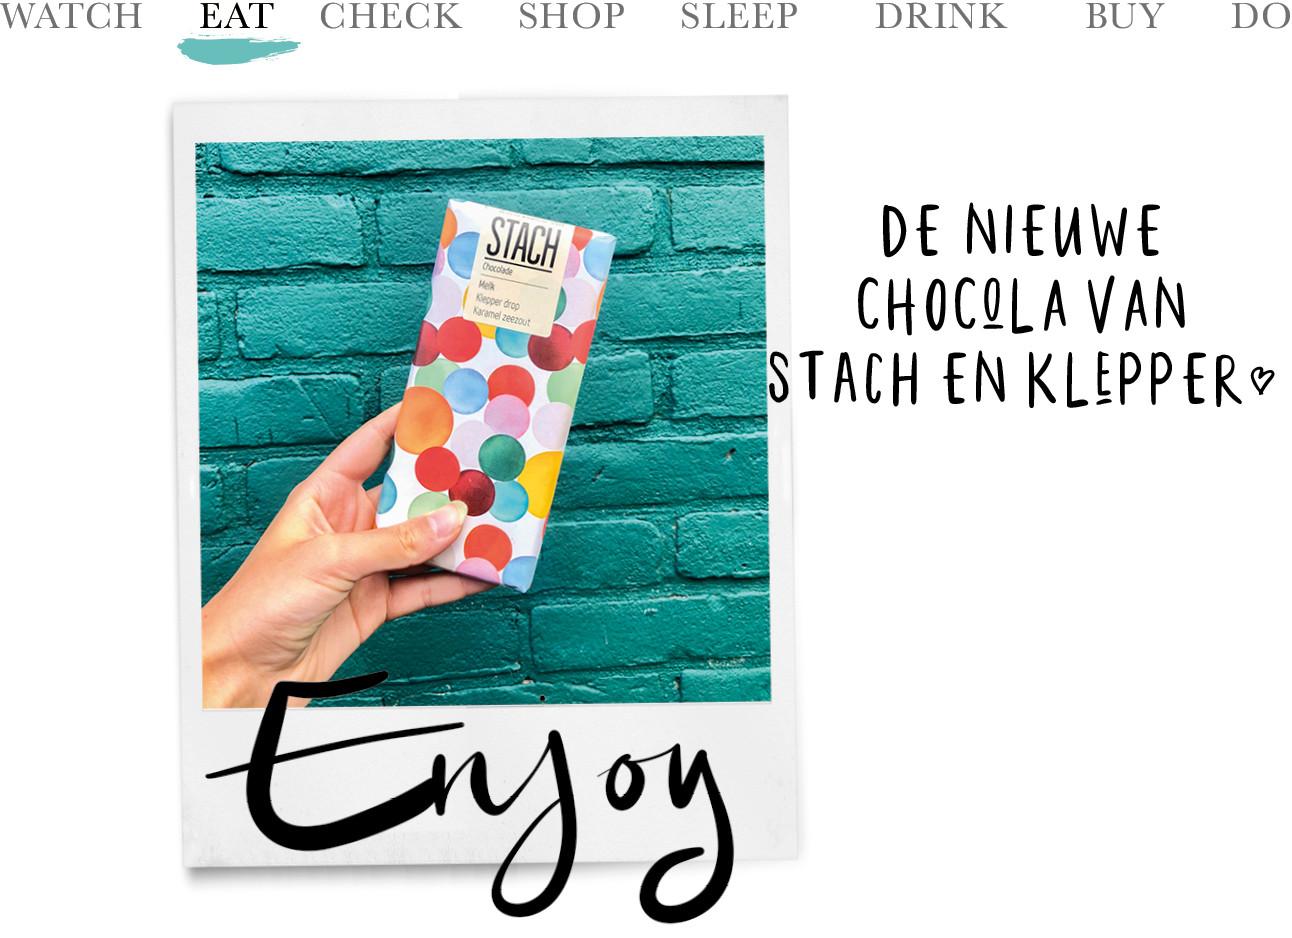 beeld van de nieuwe chocolade reep van stach en klepper voor een blauwe muur